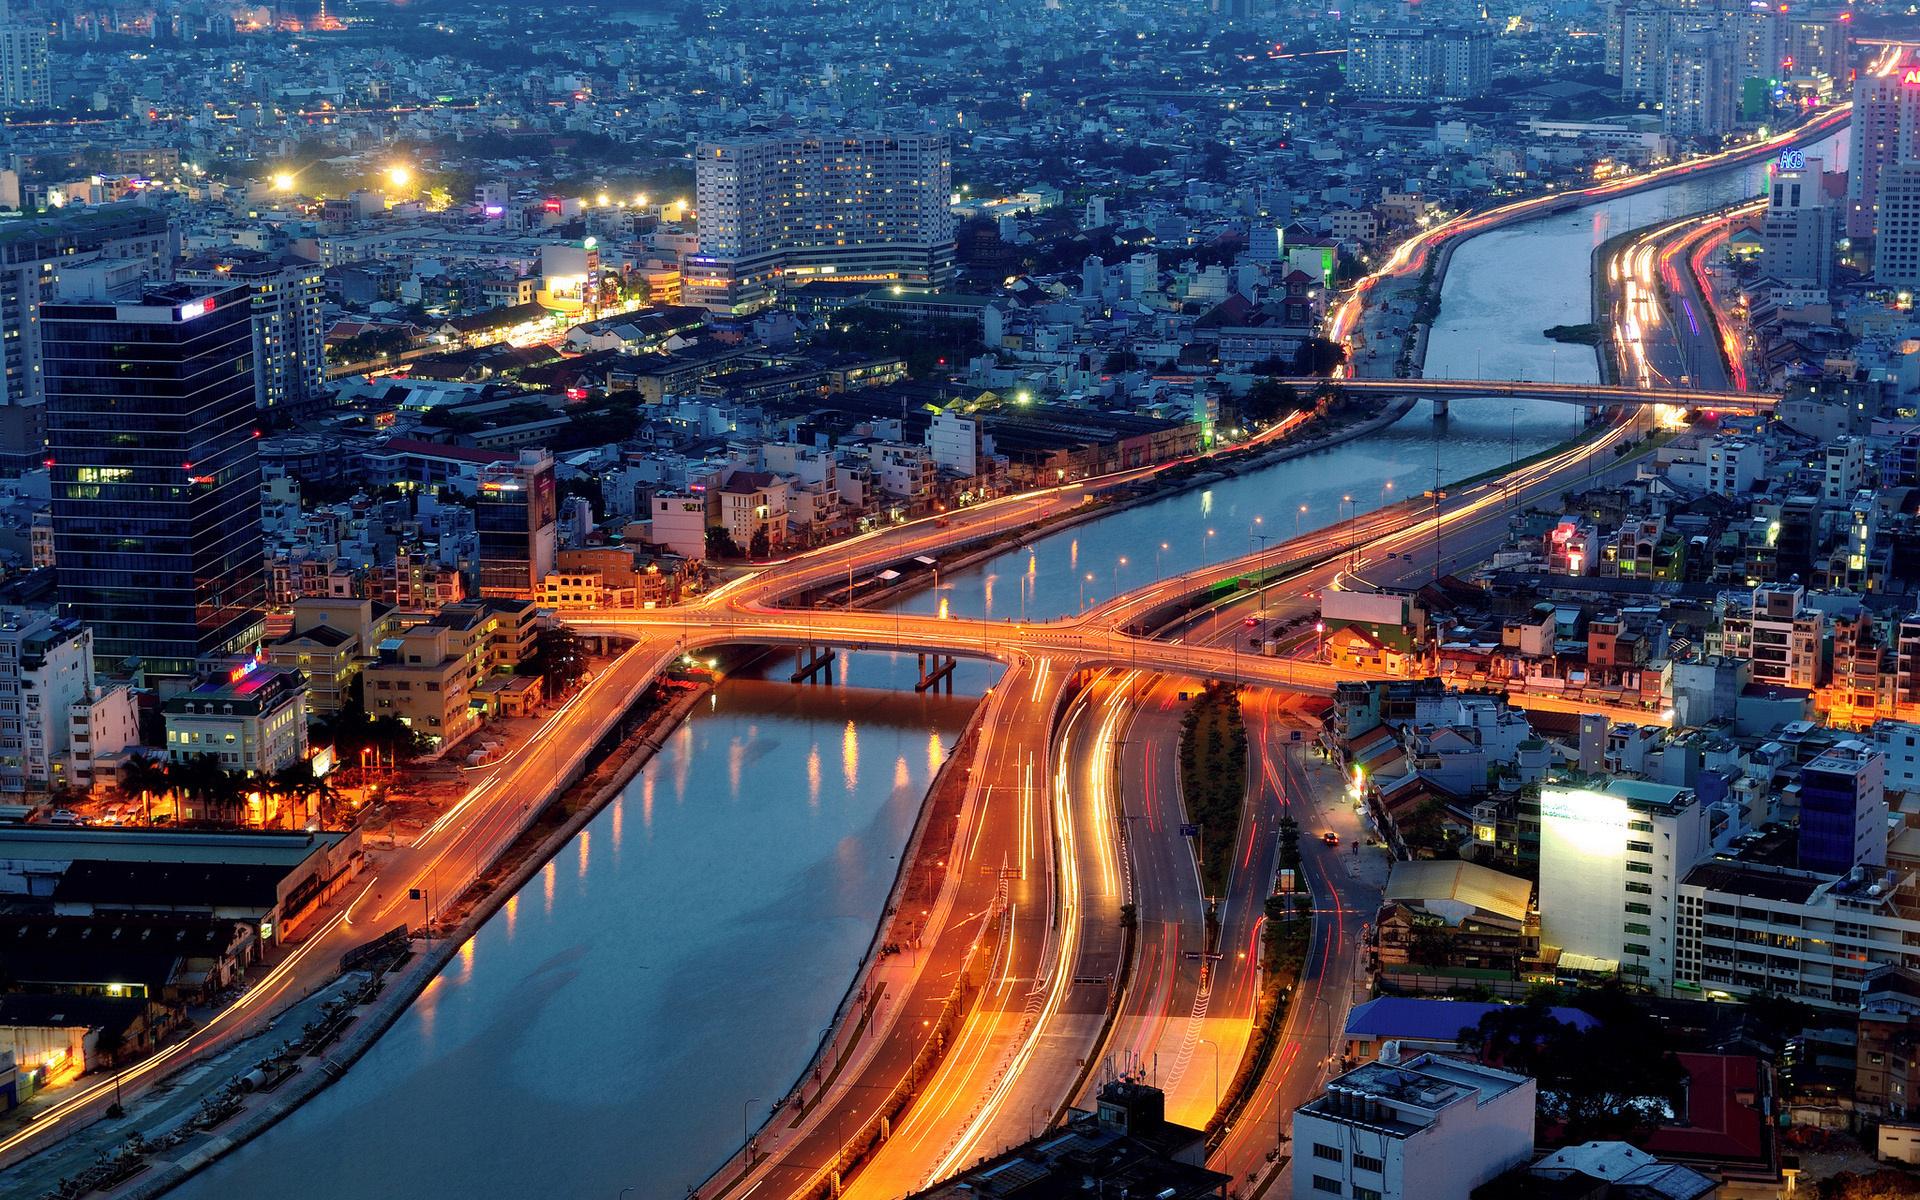 Chuyển phát nhanh từ Hà Nội đi Quận 1 Sài Gòn nhanh chóng, giá rẻ